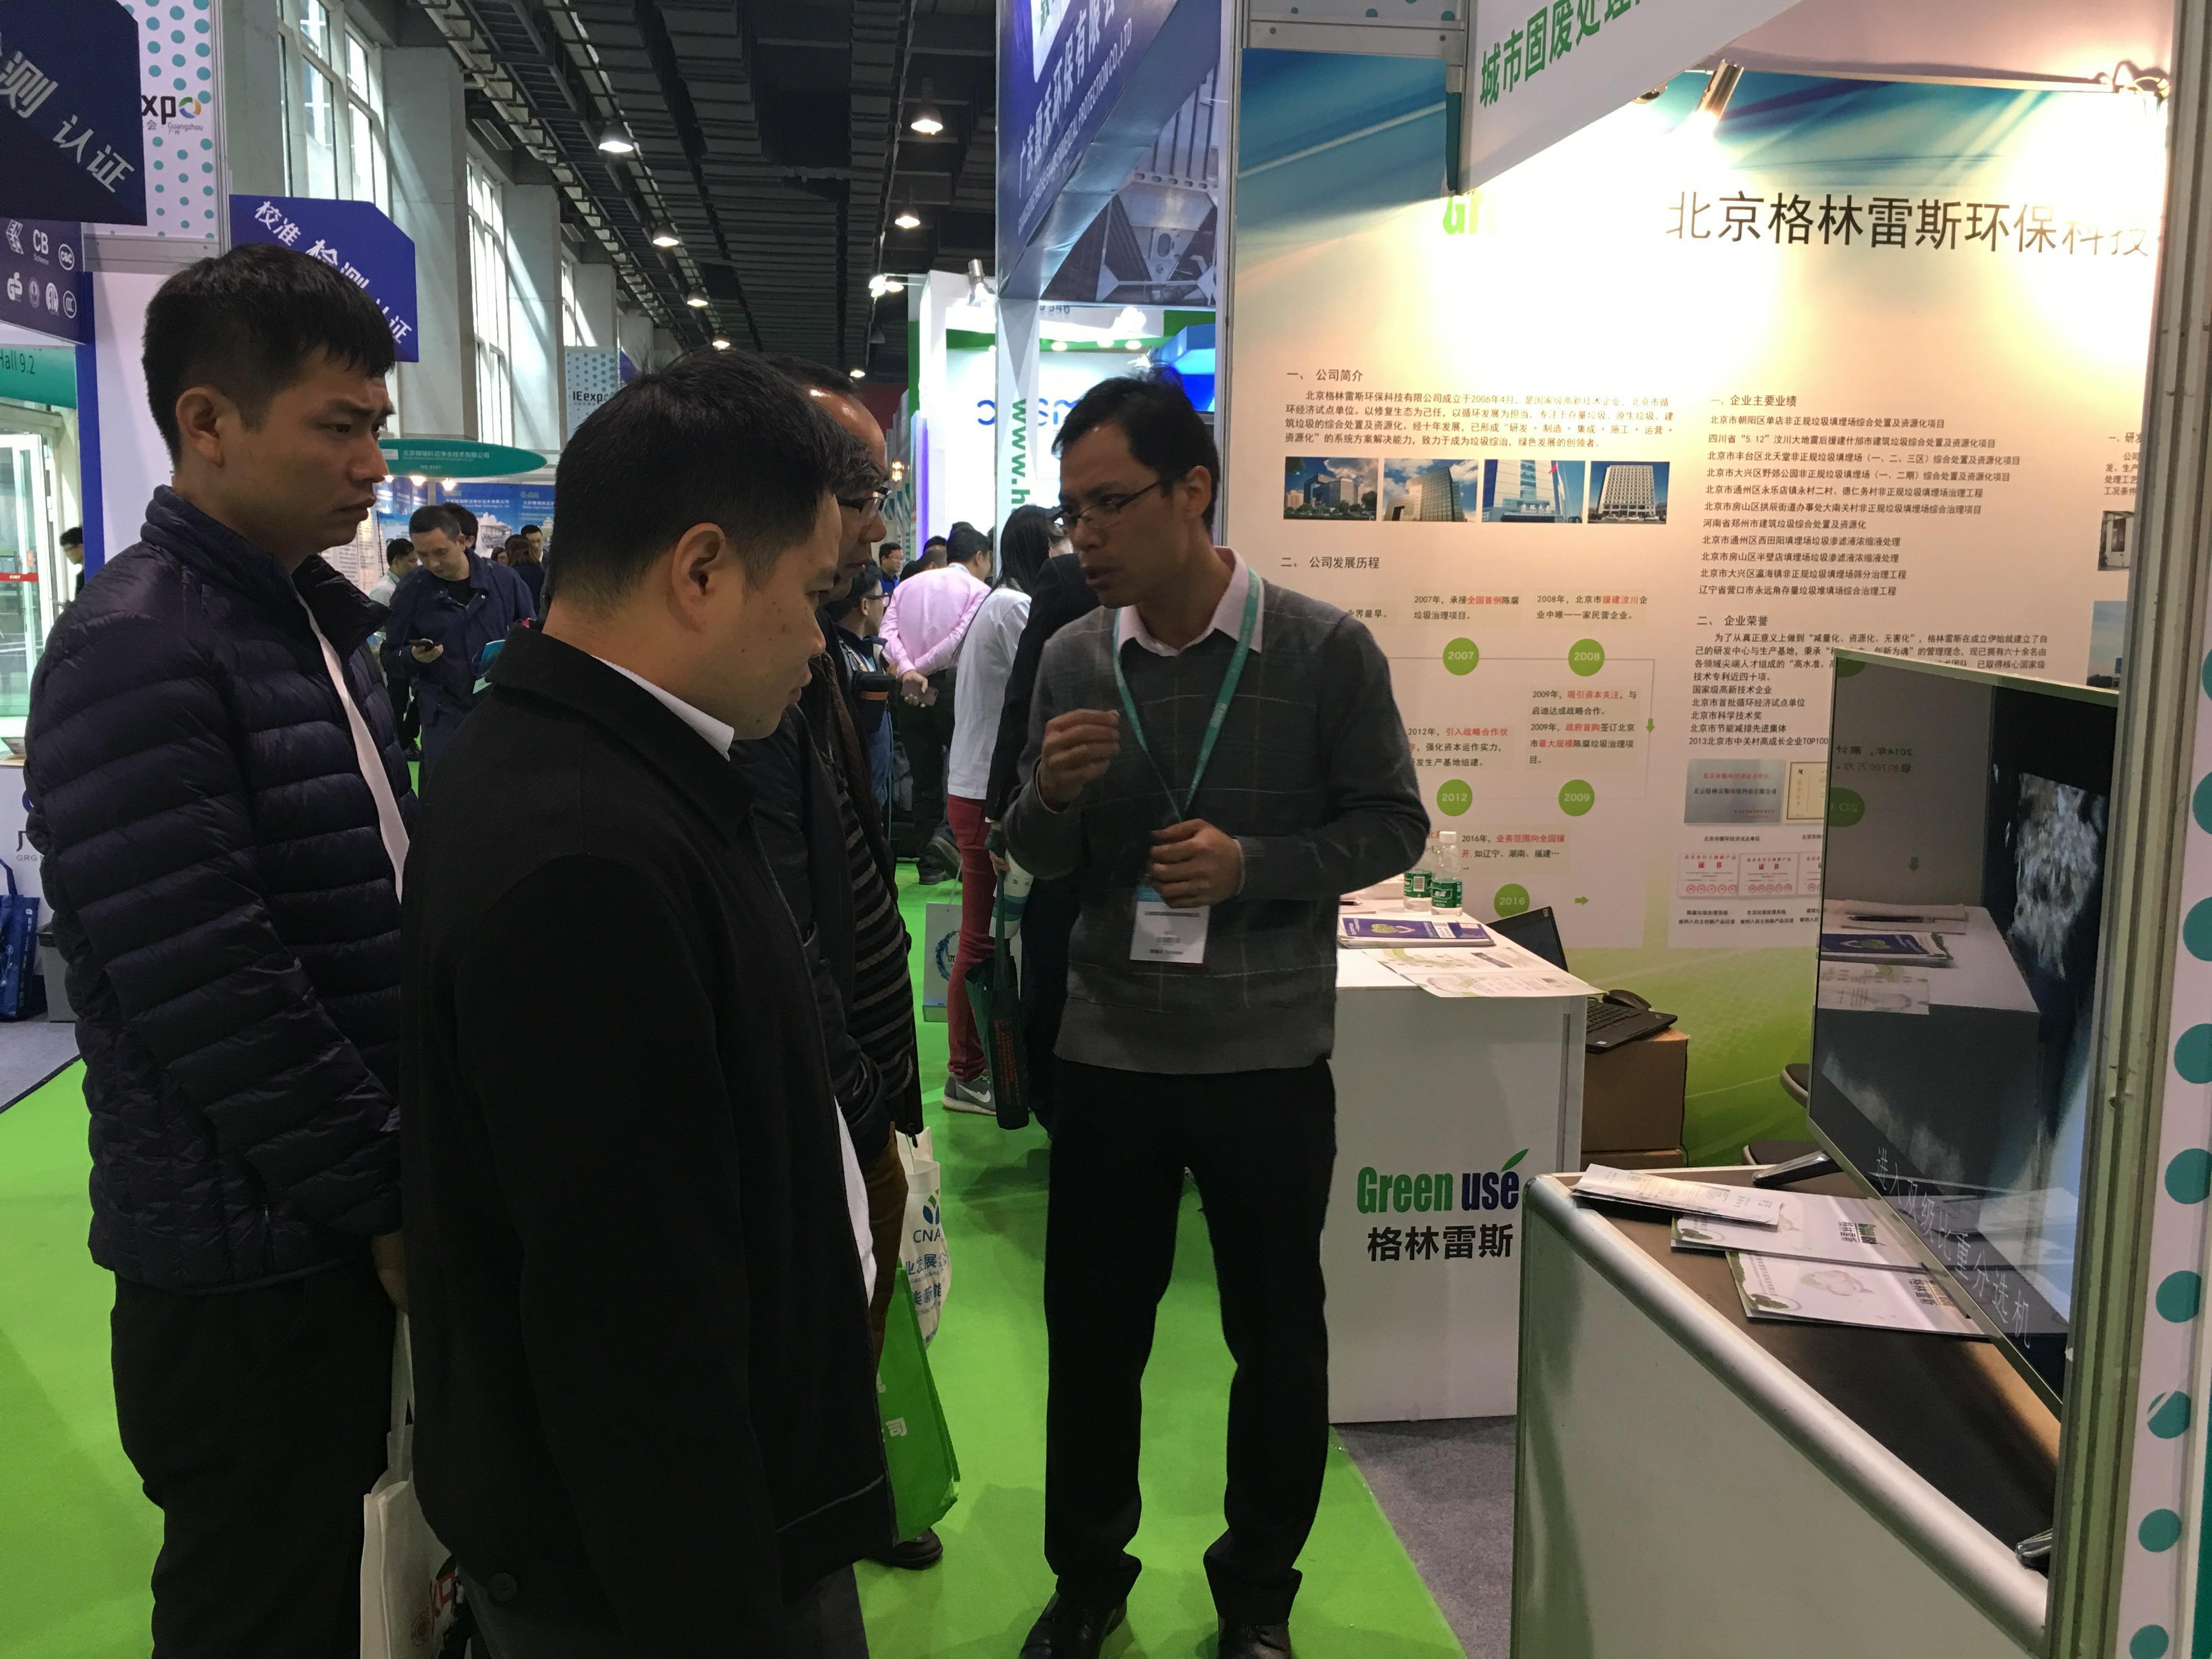 格林雷斯参加2016广州国际环博会